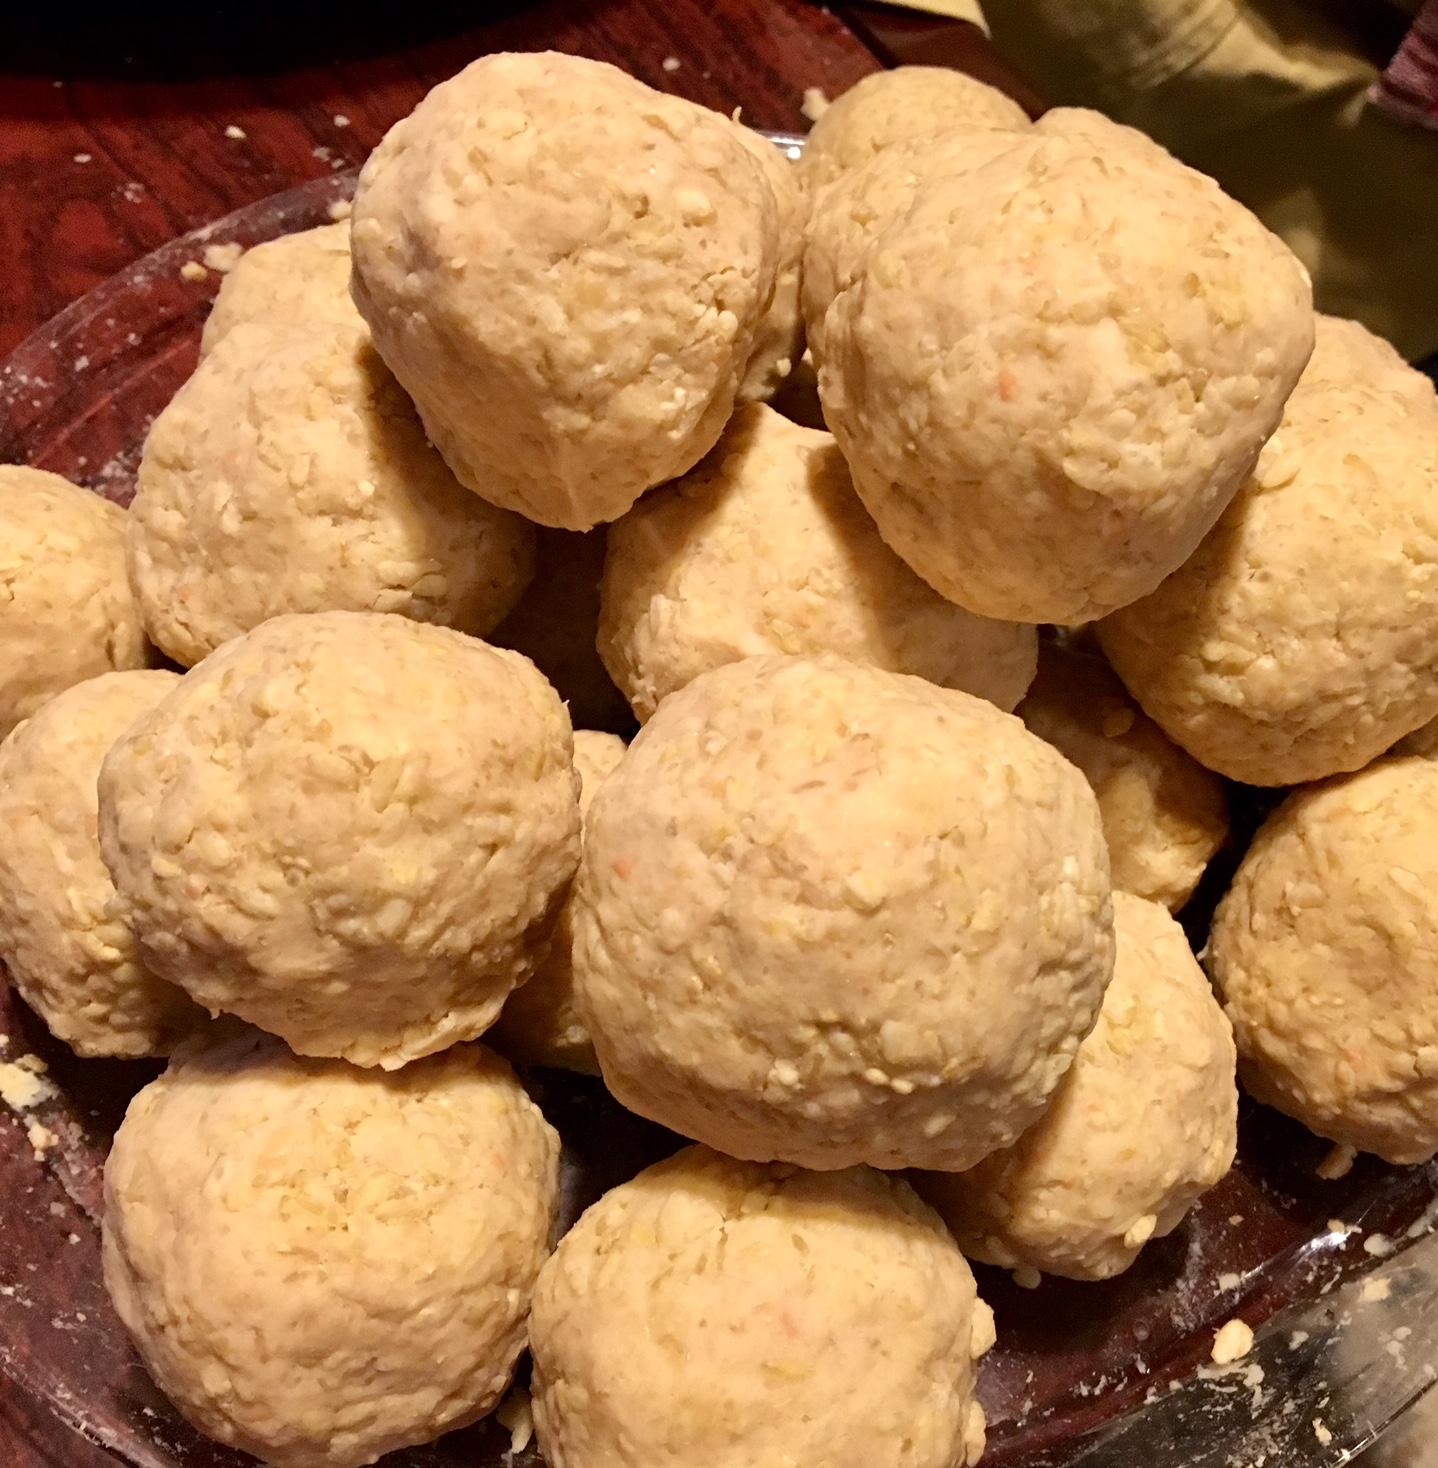 soybeans balls